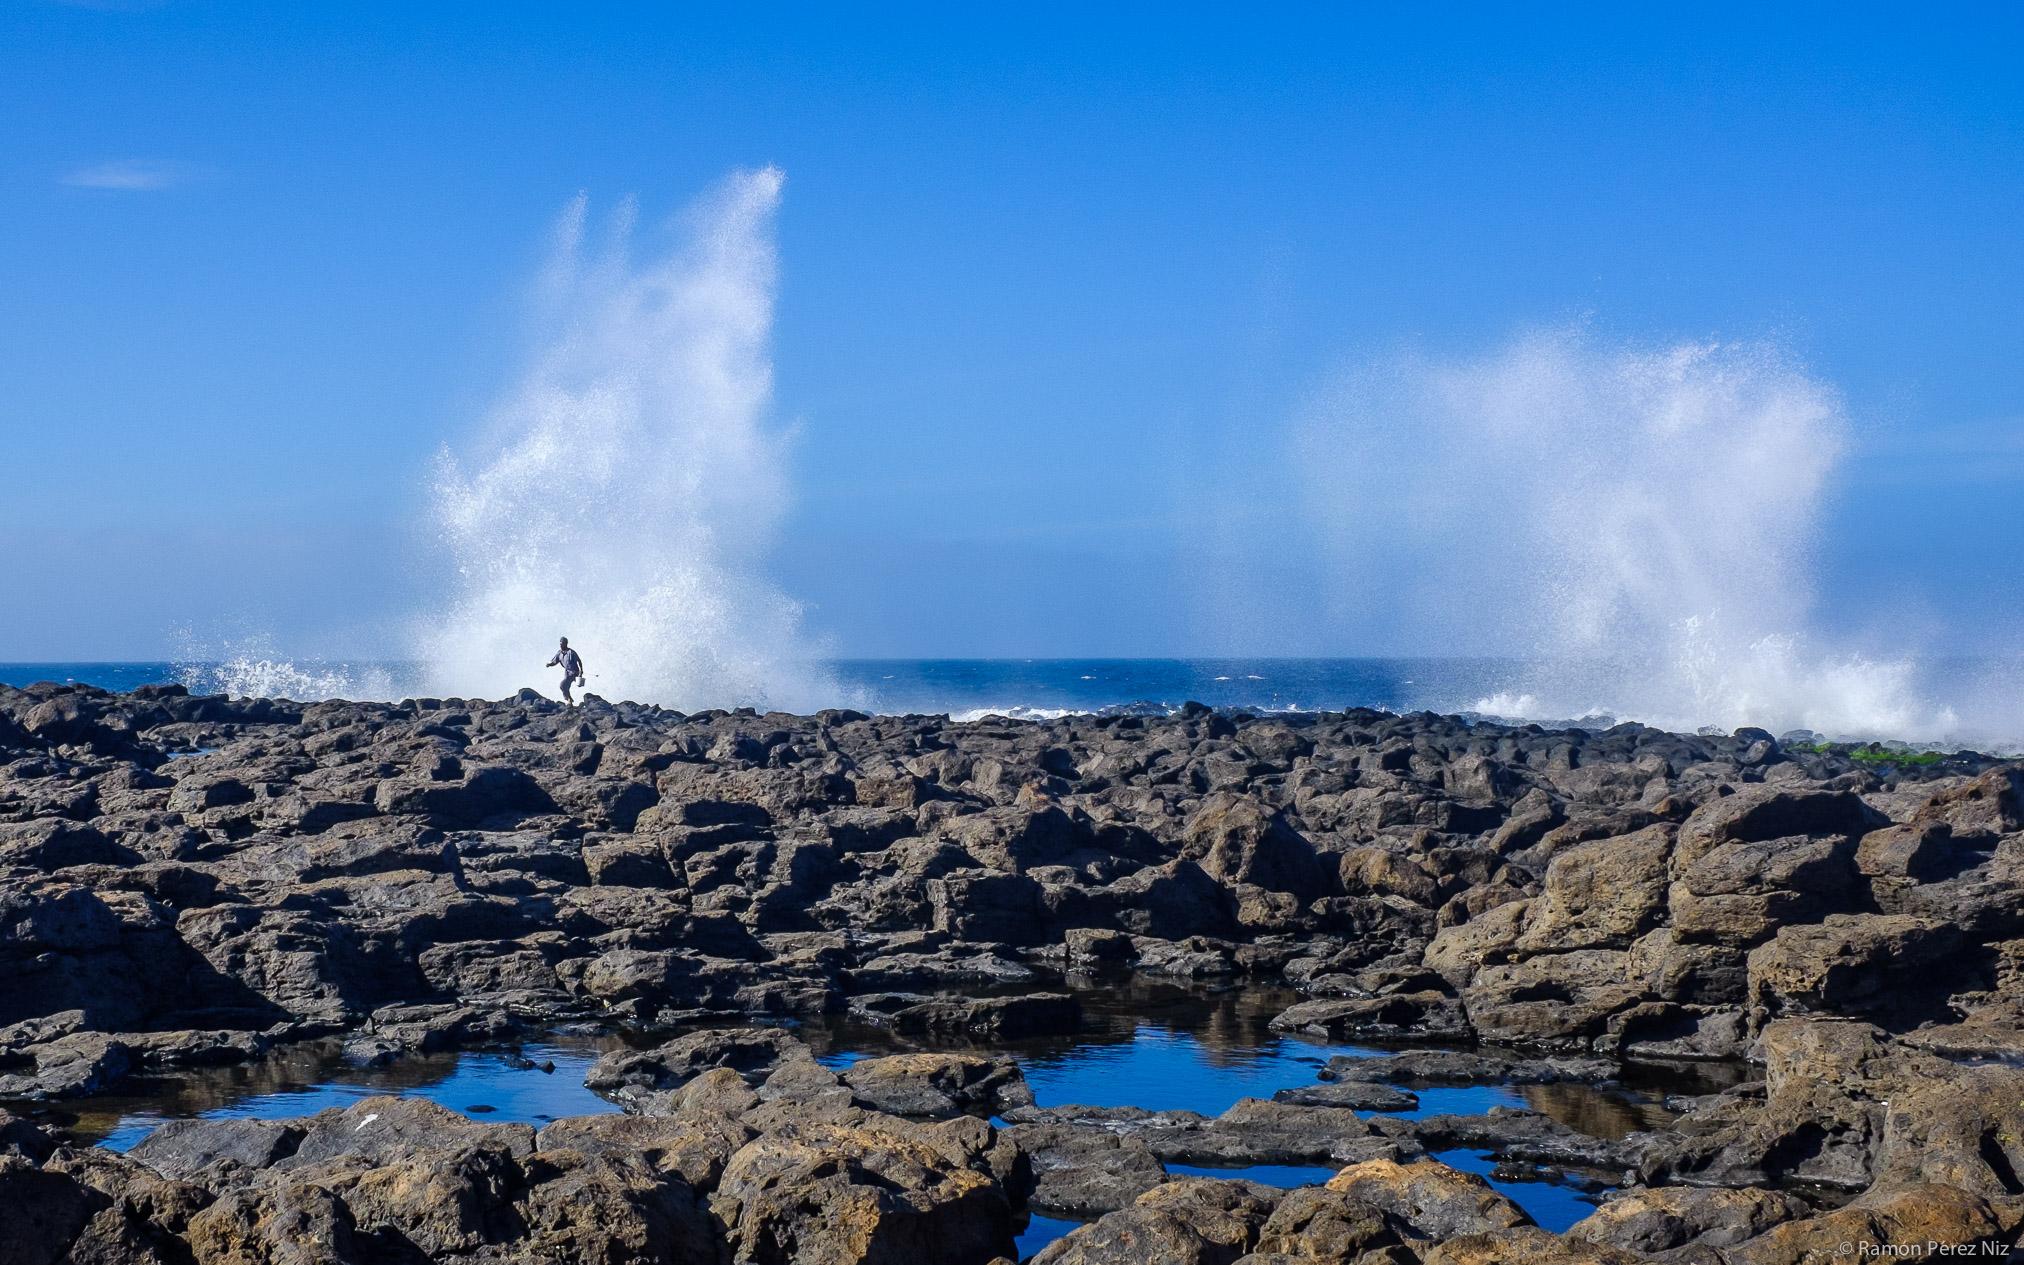 Cuidado con la ola. Foto de Ramón Pérez NIz